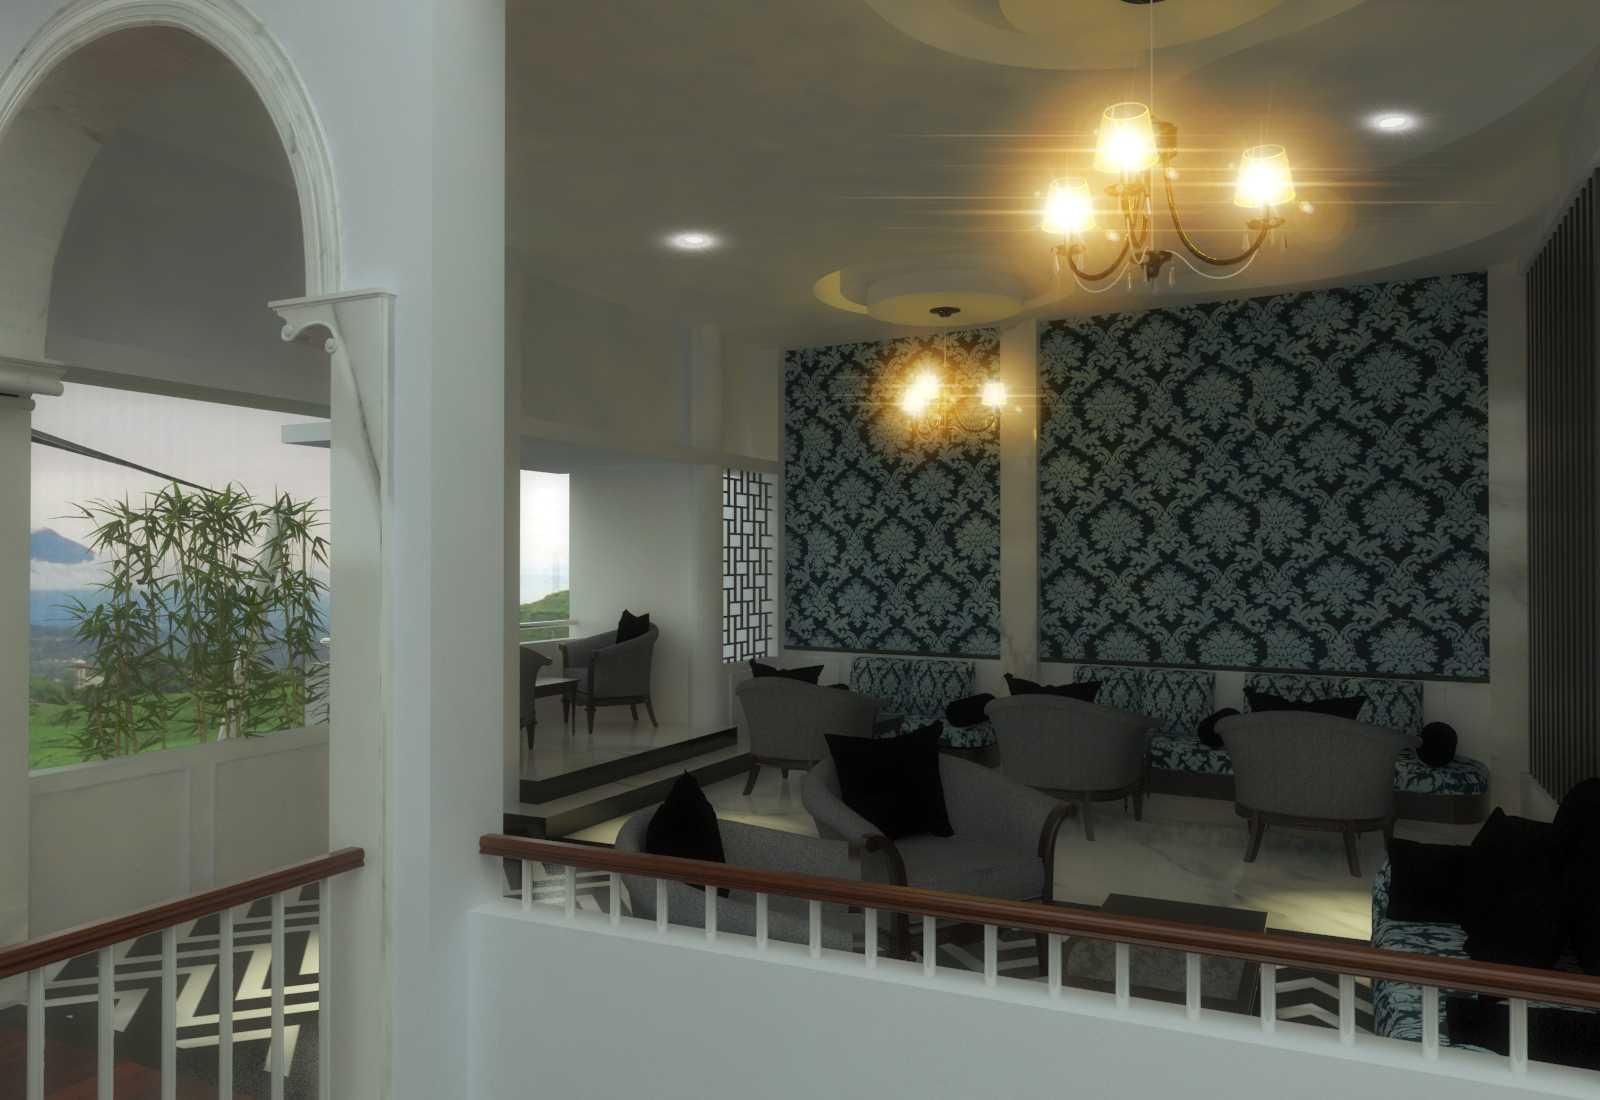 Triasteri Interior And Design Restaurant Zoom Le Gourmet Cisarua, Bogor, West Java, Indonesia Cisarua  Sitting Area Modern  19653